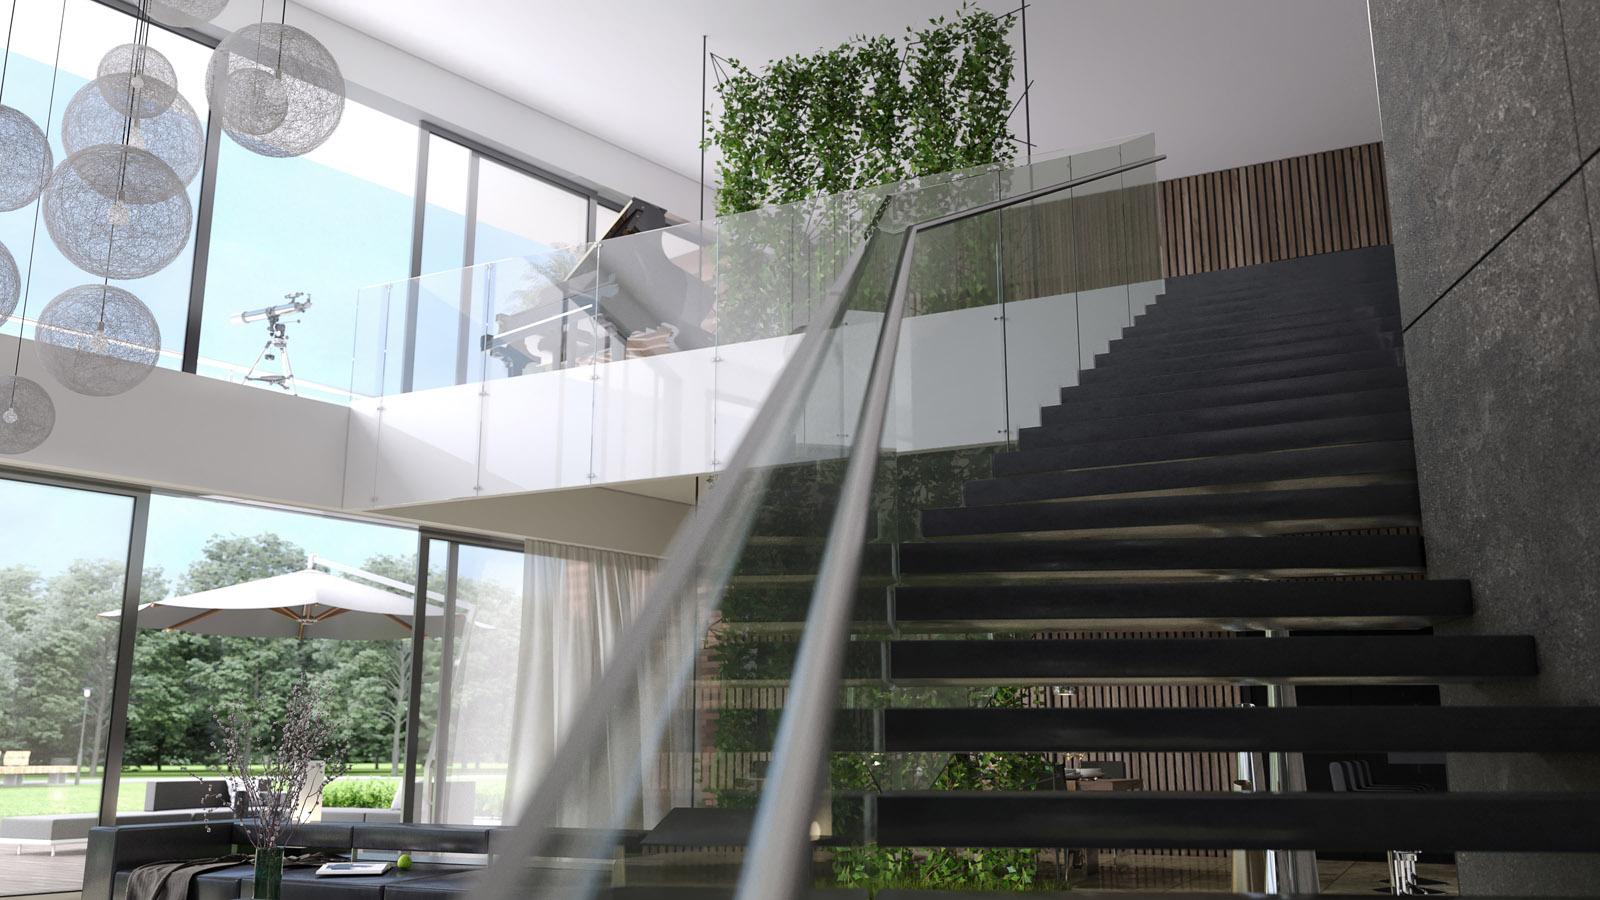 Vide In Woonkamer : D interieur ontwerpvisualisatie luxe woning choro